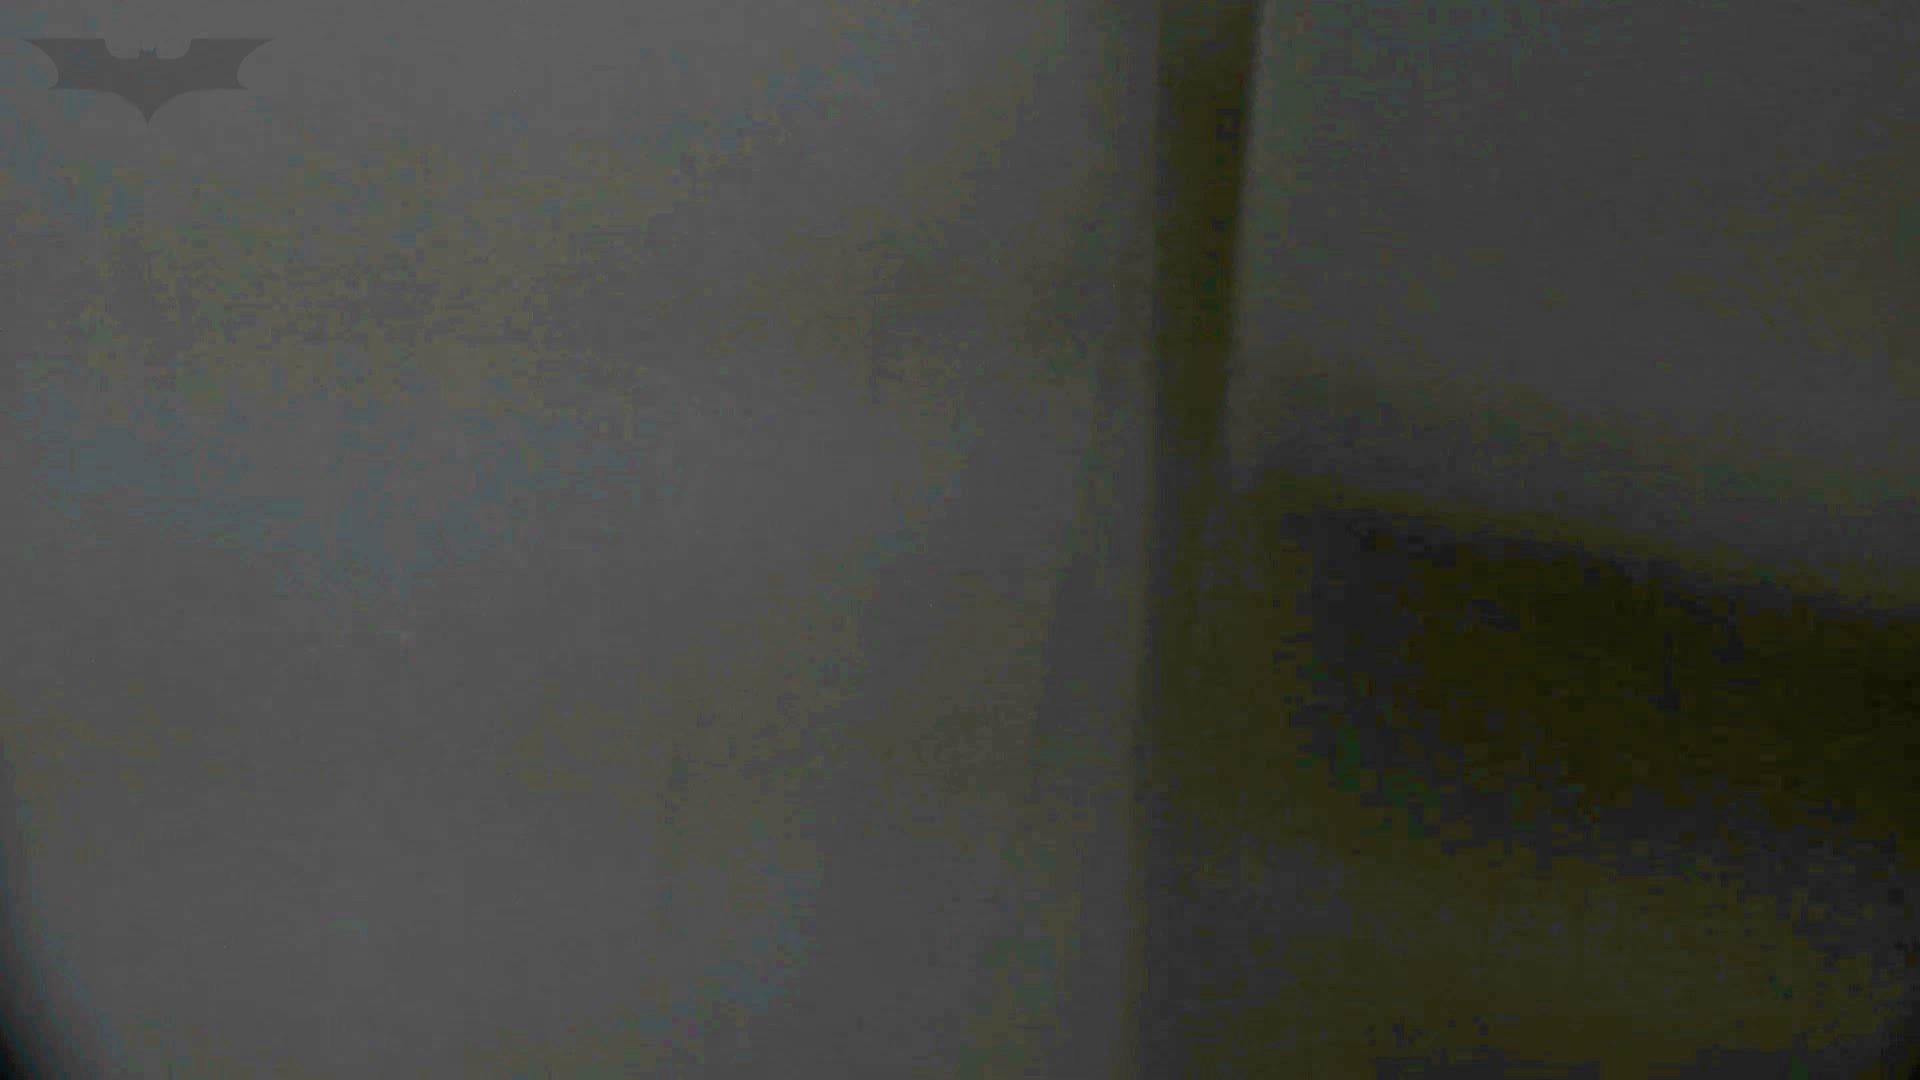 洗面所特攻隊 vol.74 last 2総勢16名激撮【2015・29位】 洗面所 | OLのボディ  85PIX 67